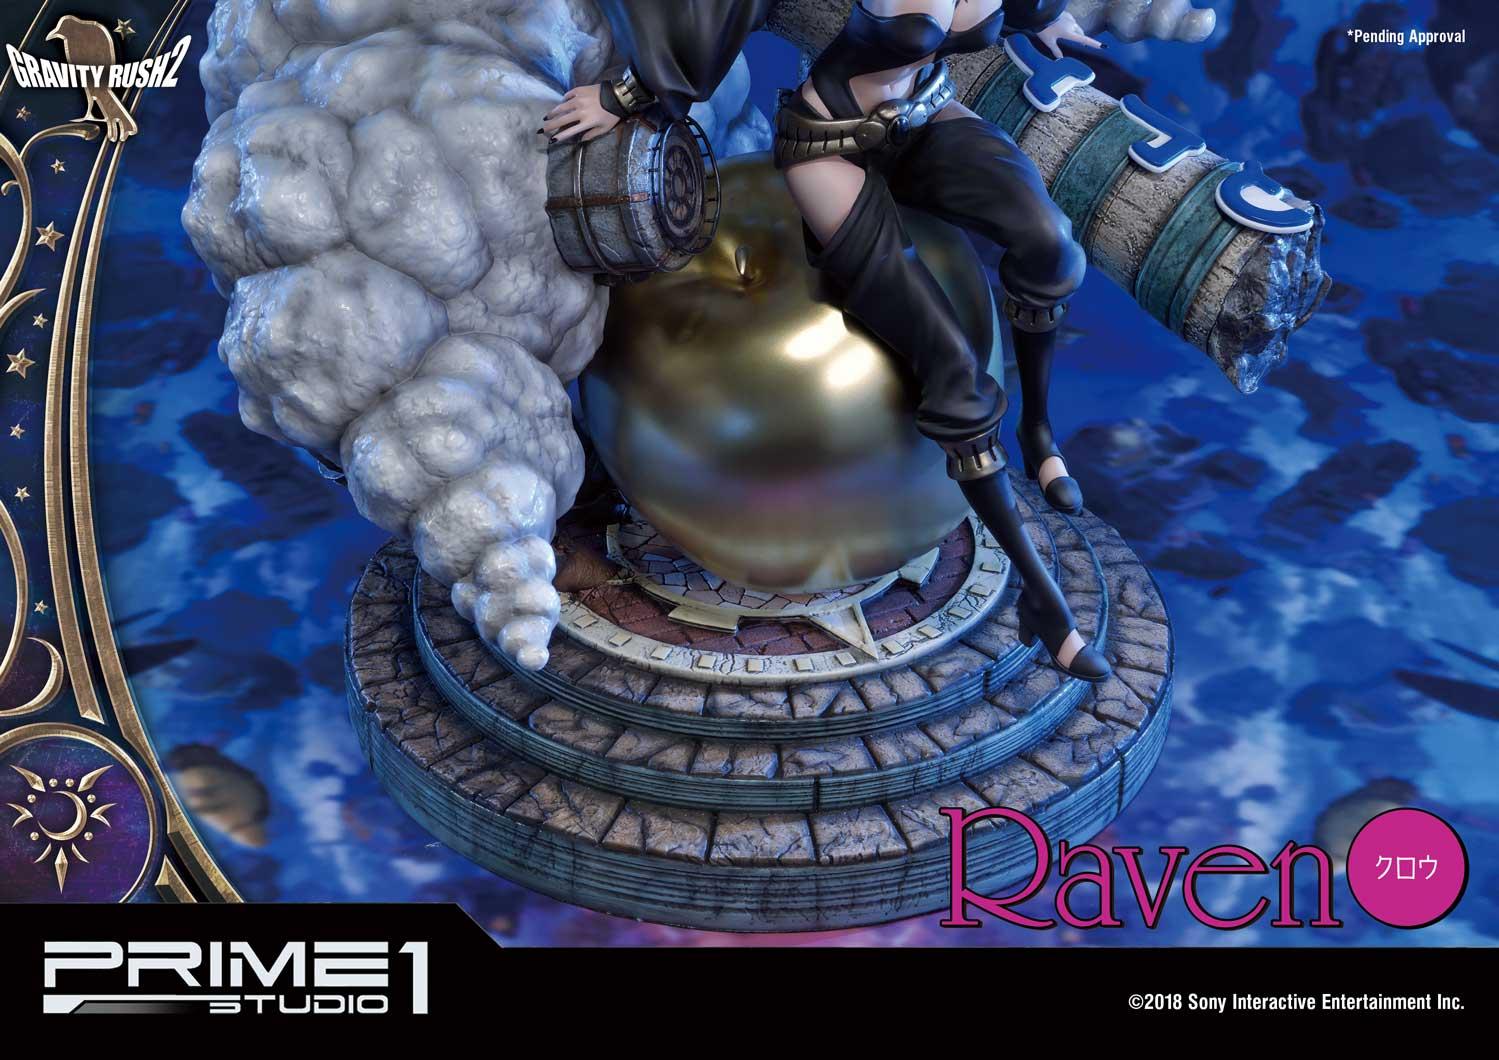 Prime_1_Studio_Raven_Prototype_November2018_CMGR2-01_07